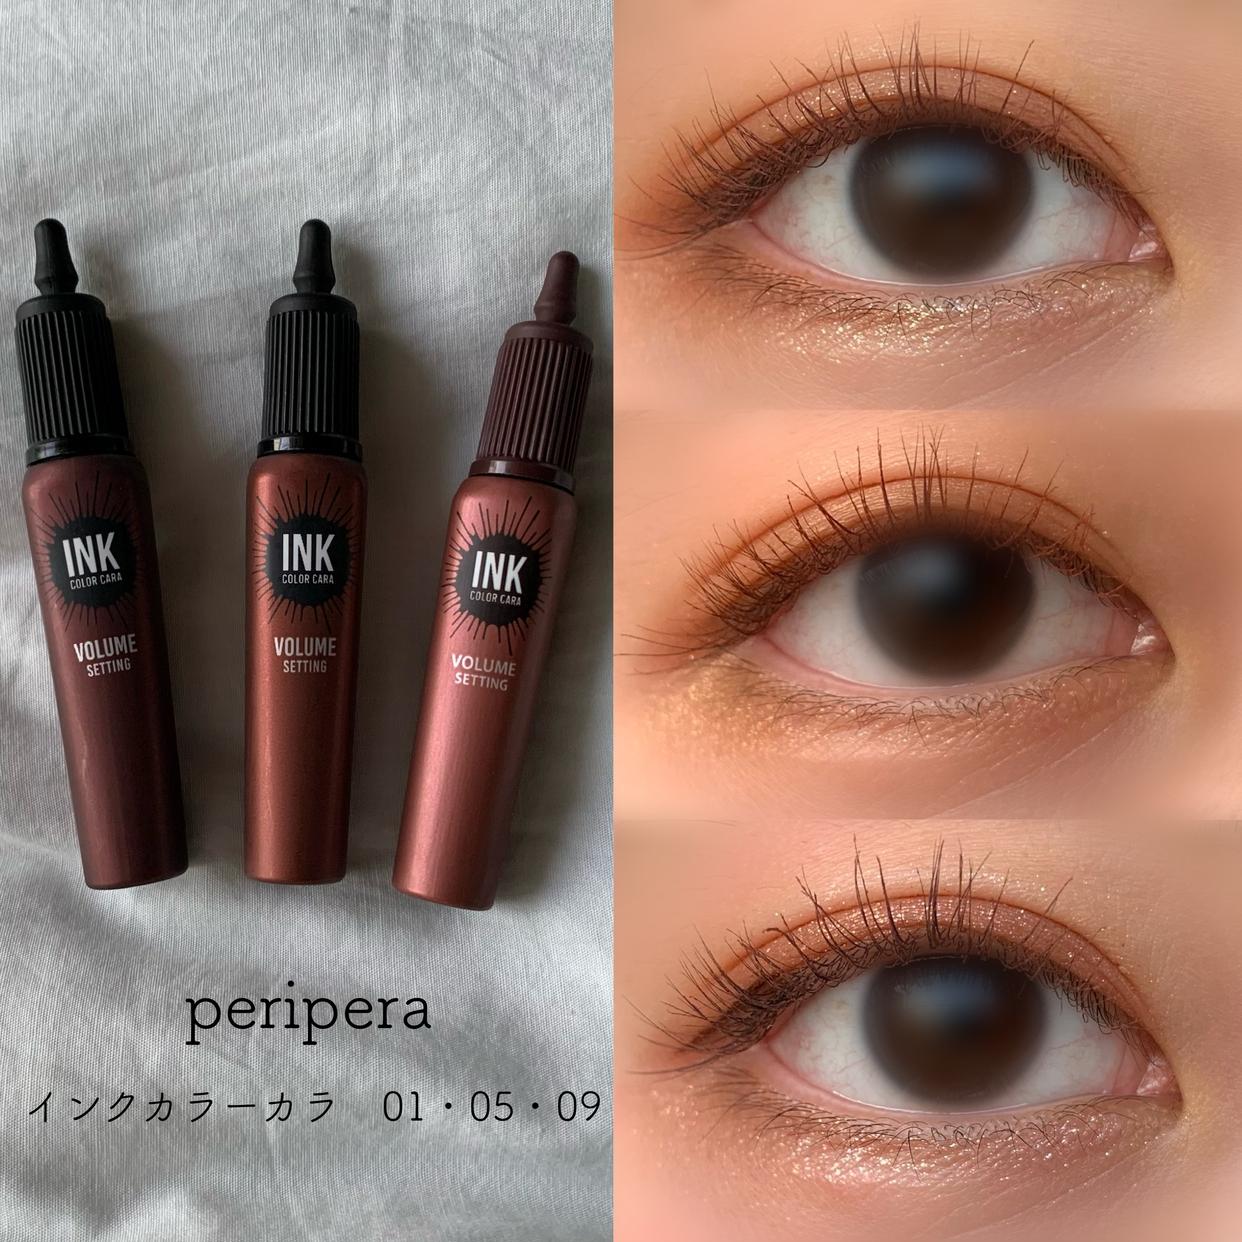 peripera(ペリペラ) インクカラー カラを使ったとあさんのクチコミ画像1